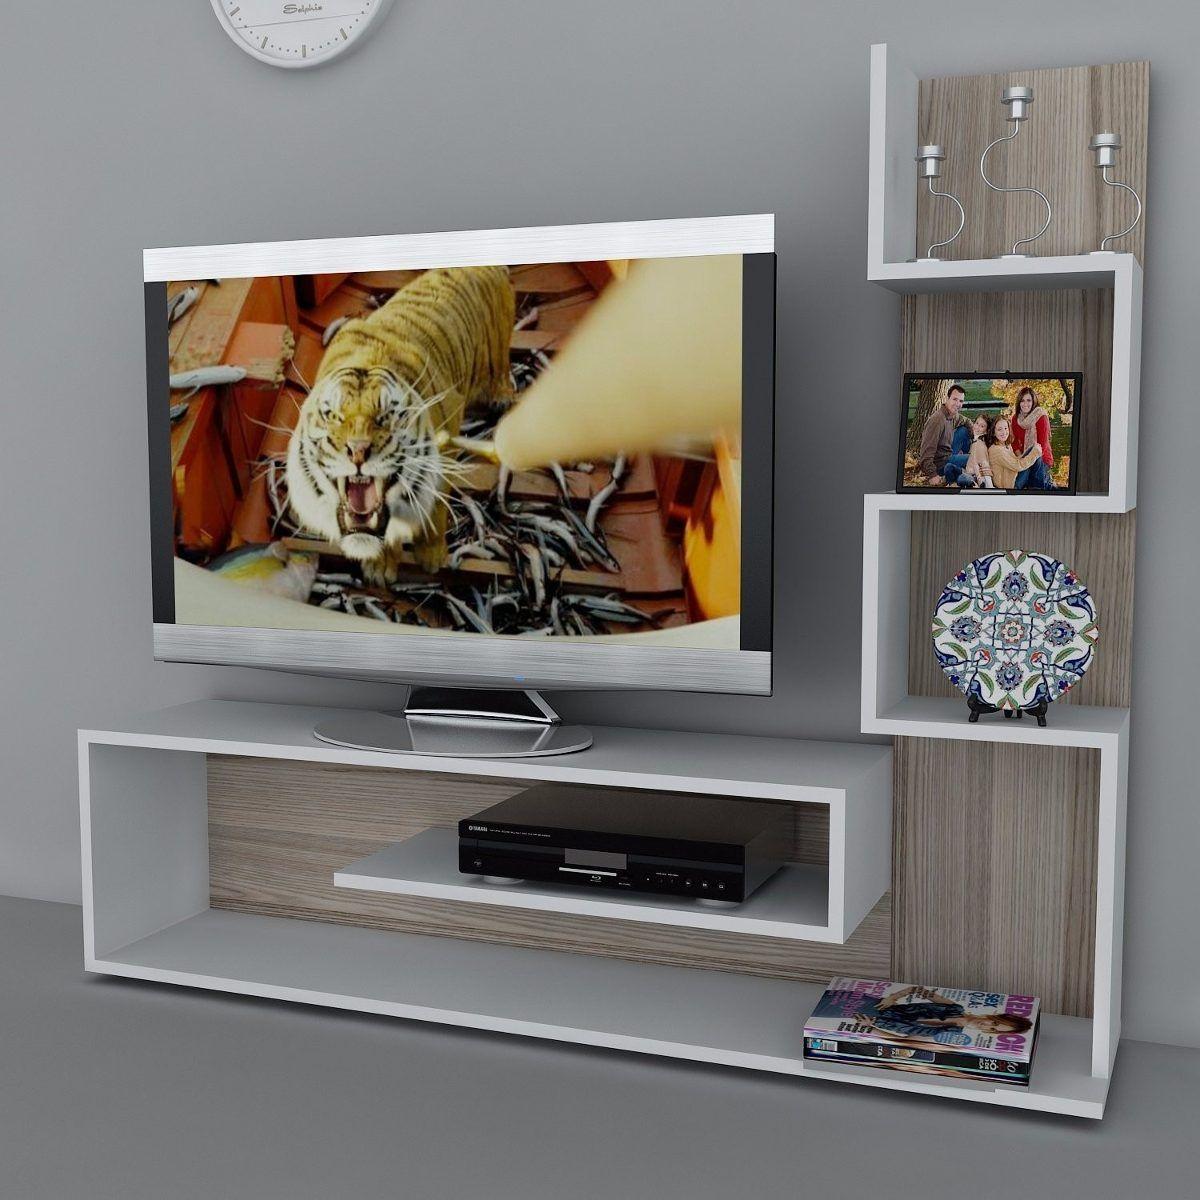 Centro De Entretenimiento Minimalista 2 349 00 Tv  # Meuble Tv Idee Deco Tableau